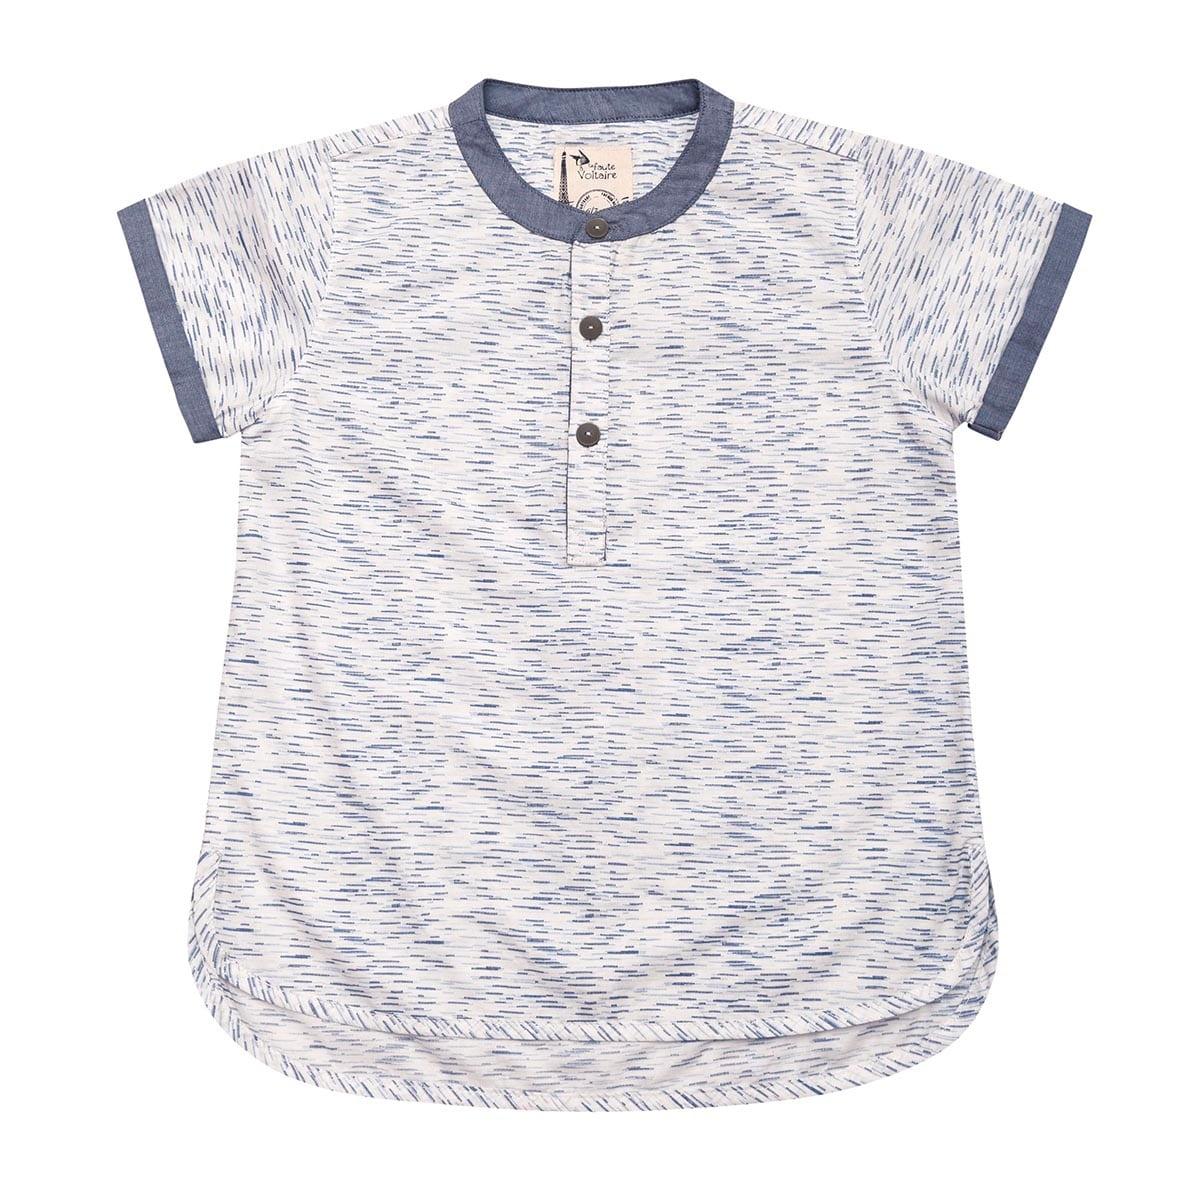 Chemise manches courtes en coton bleu et blanc avec col Mao contrasté bleu pour garçons de 2 à 14 ans